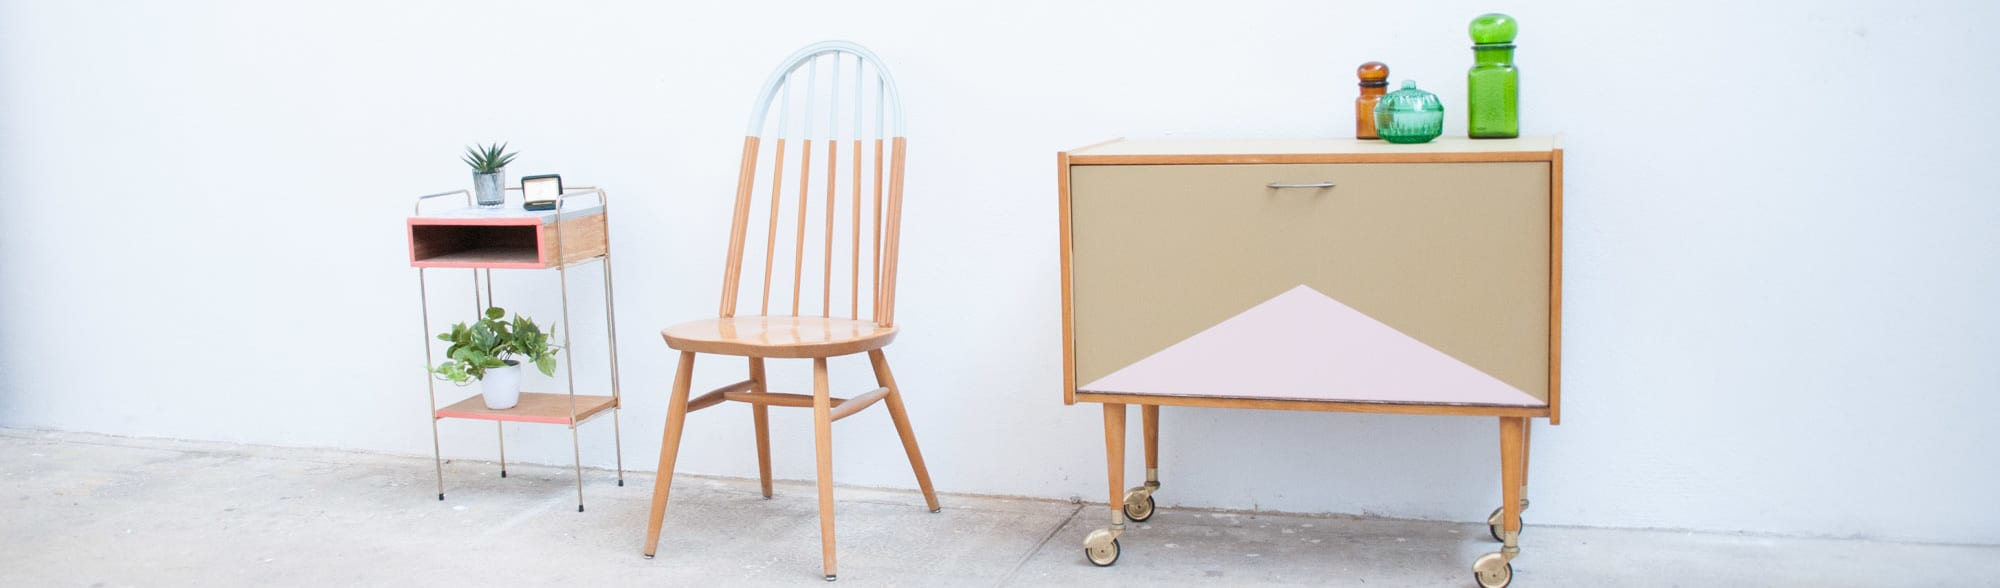 Rénovation de plusieurs meubles vintage par La Chouette Echoppe | homify